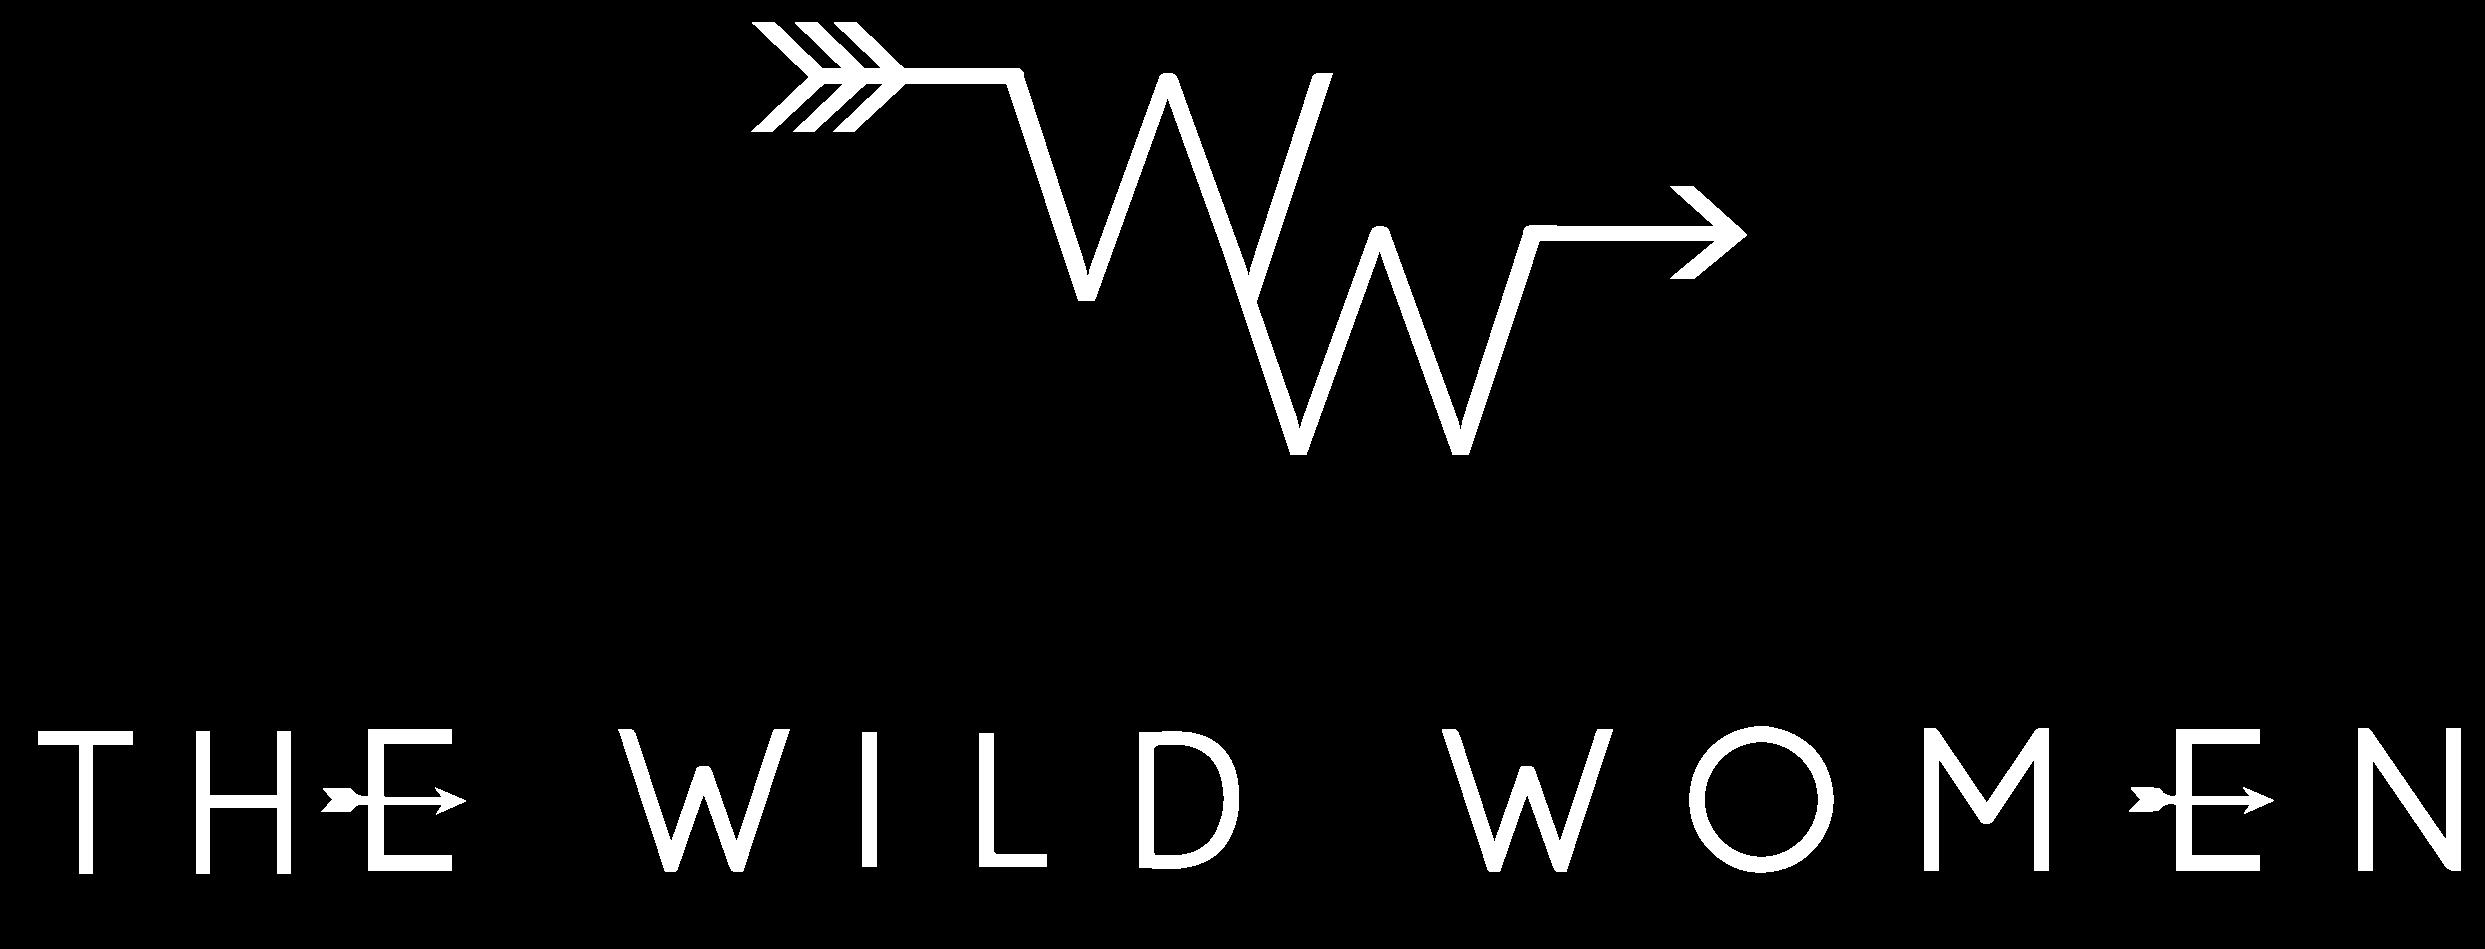 The Wild Women Jenny Labaw Logo